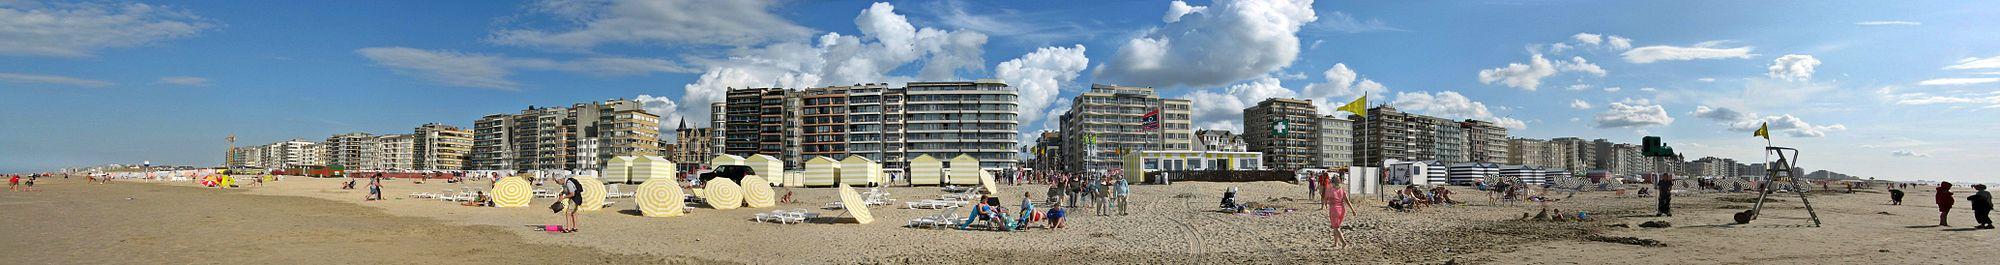 Het strand van De Panne